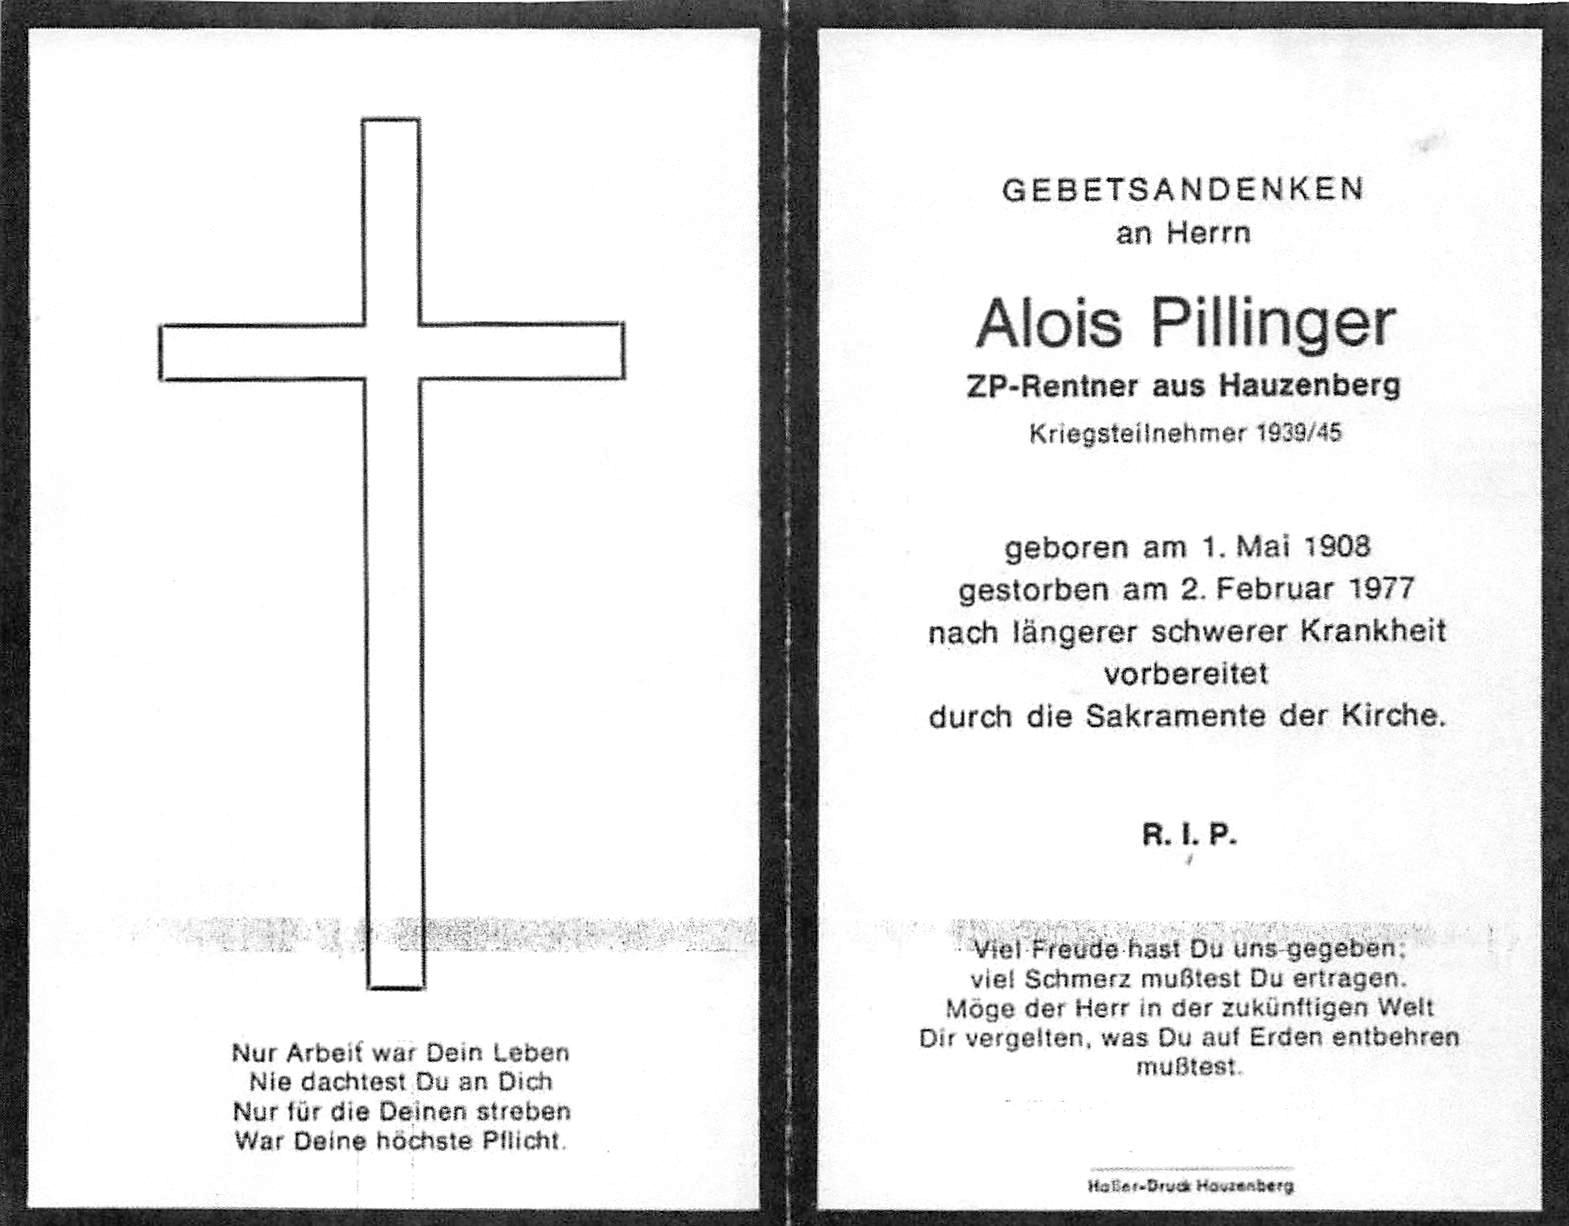 1977-02-02-Piller-Alois-Hauzenberg-ZP-Rentner